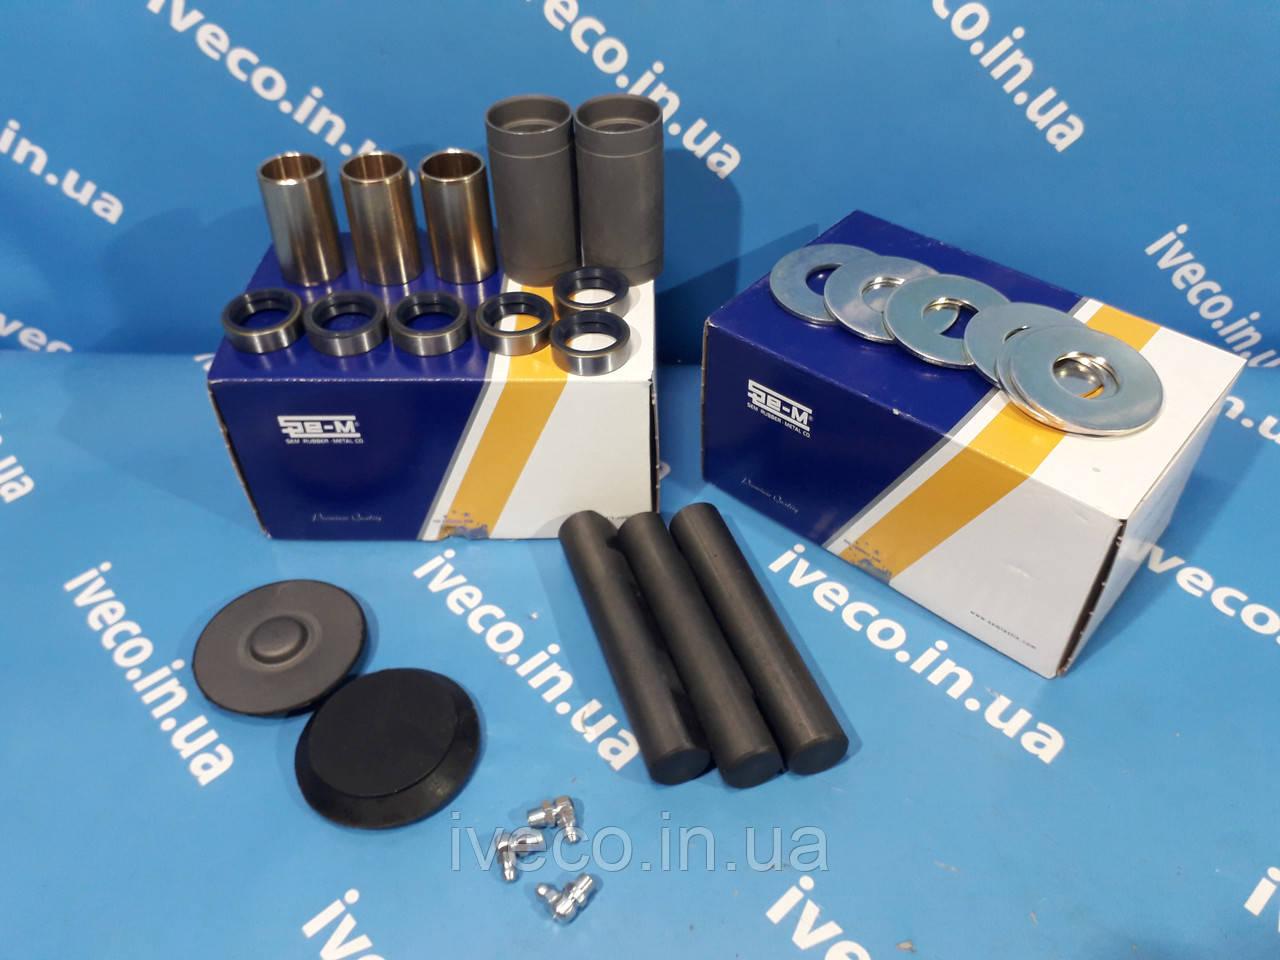 Ремкомплект пальця вушка ресори DAF CF 95XF XF95 покращений 3 пальця в кмп 0389071S1 0389071 SEM14876